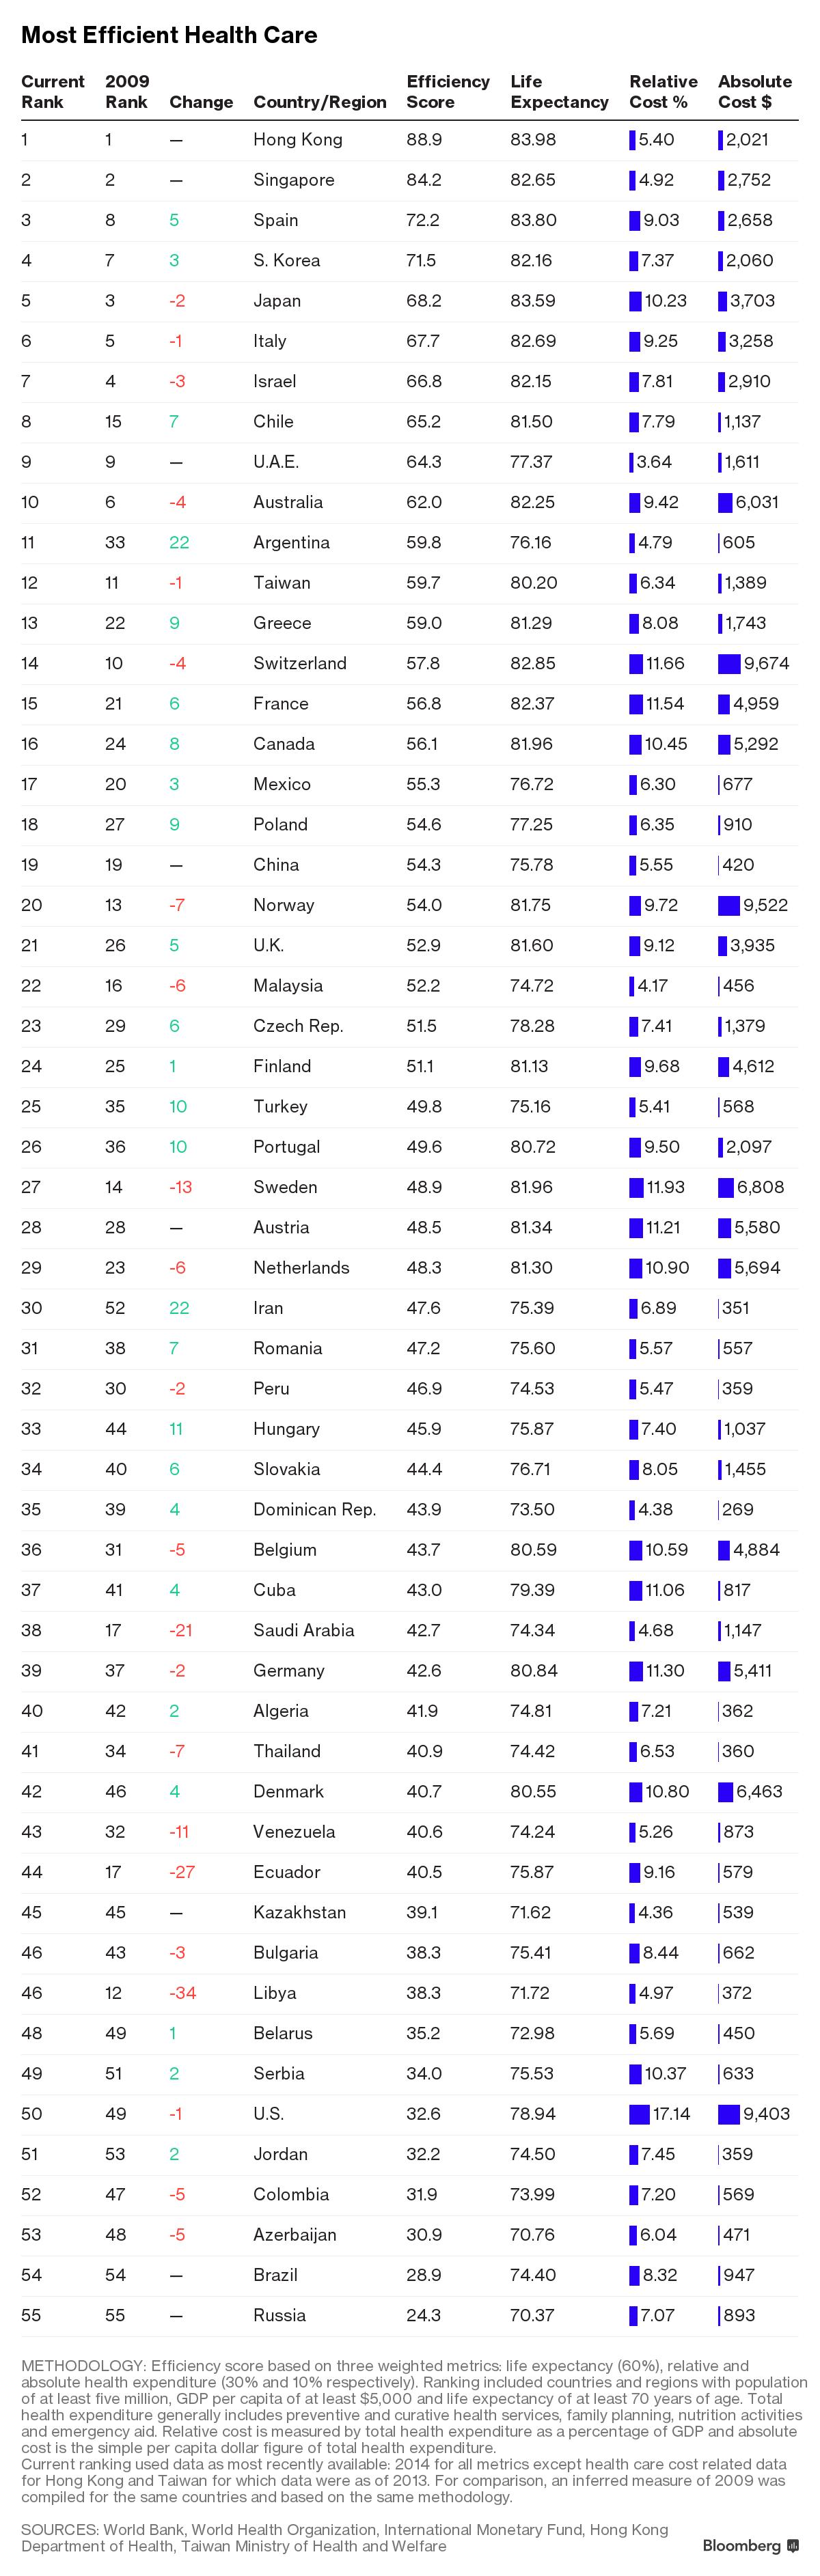 Україна не увійшла в рейтинг країн з ефективною медициною - фото 1